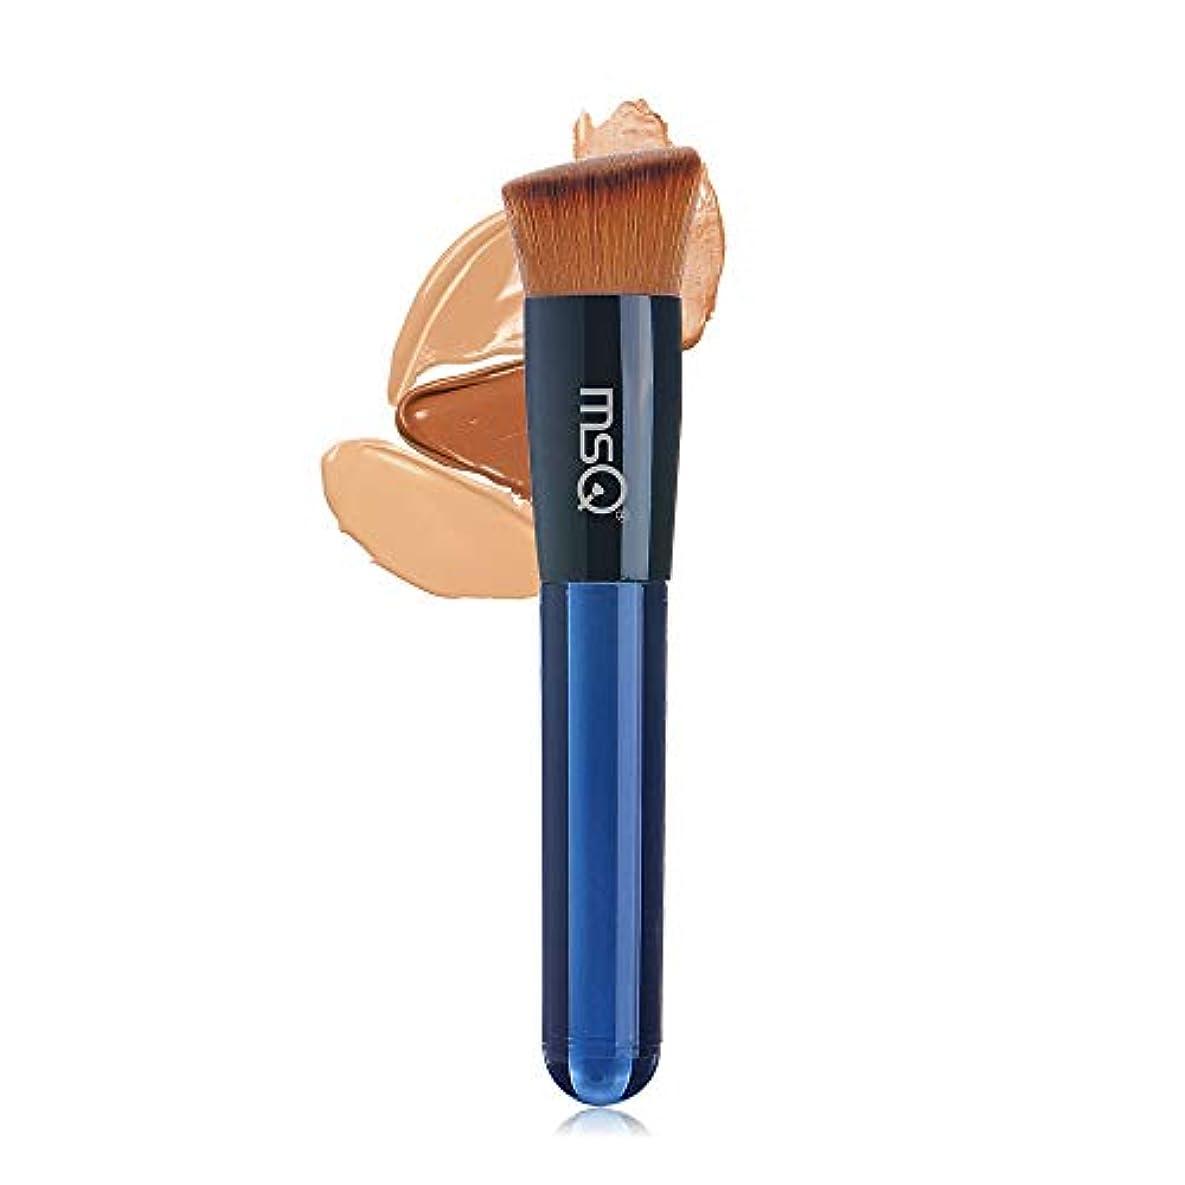 まどろみのある木製相反するMSQ 化粧ブラシ 人気 メイクブラシ メイクアップブラシ 粧ブラシ 可愛い 化粧筆 肌に優しい ファンデーシ (ファンデーションブラシ)